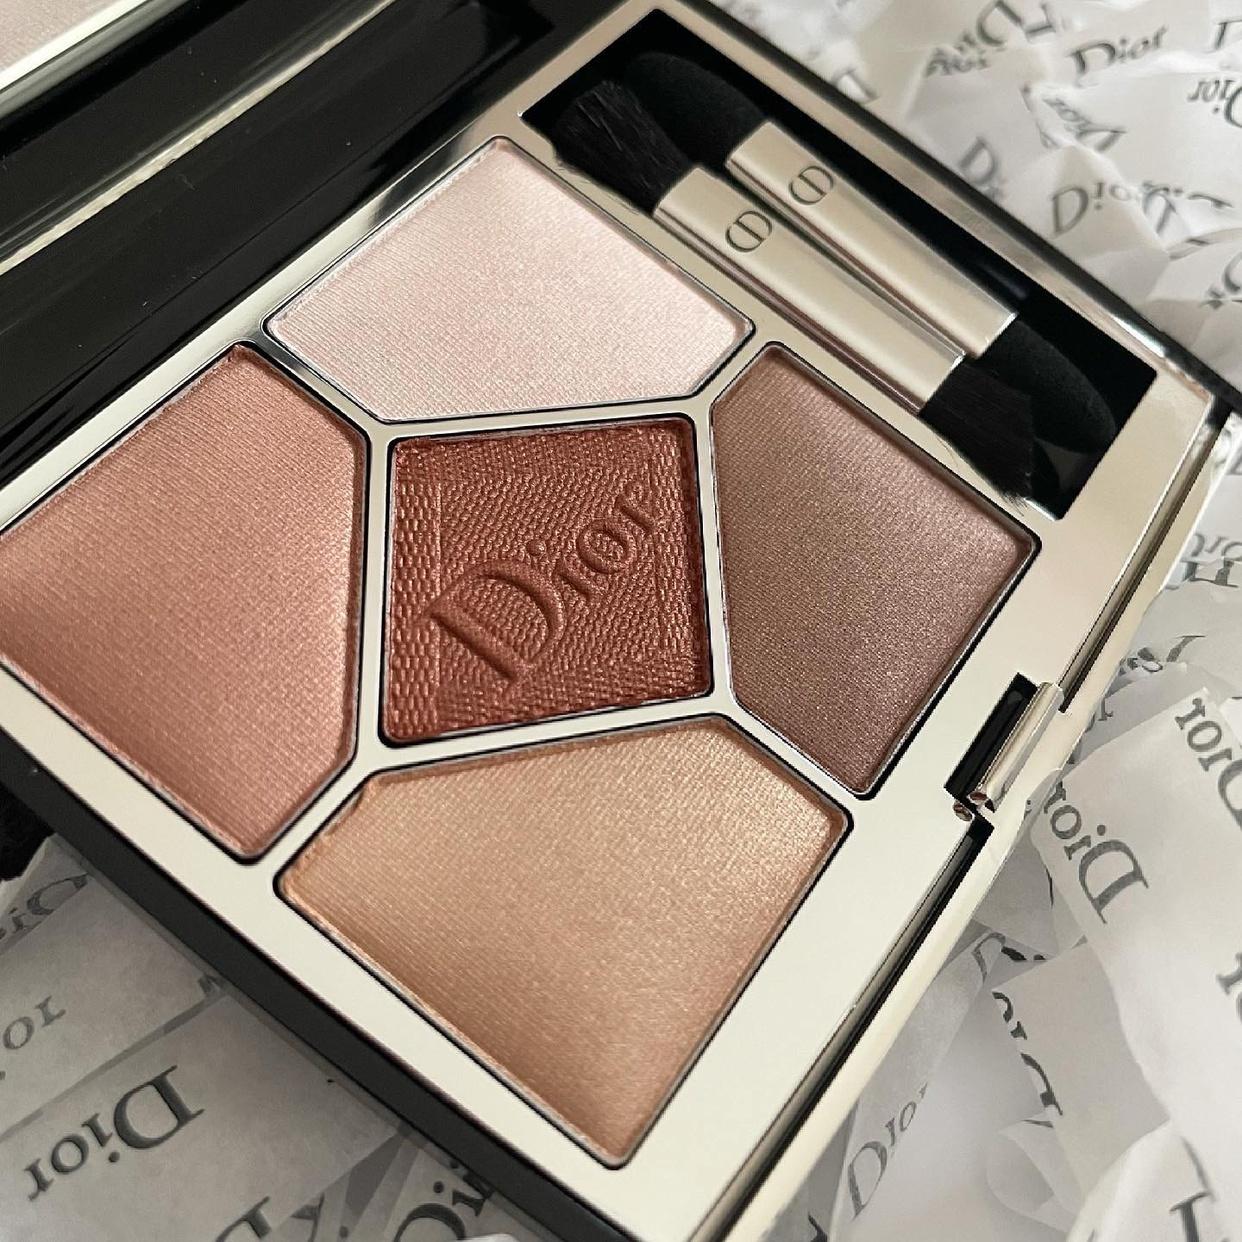 Dior(ディオール)サンク クルール クチュールを使ったNorikoさんのクチコミ画像3